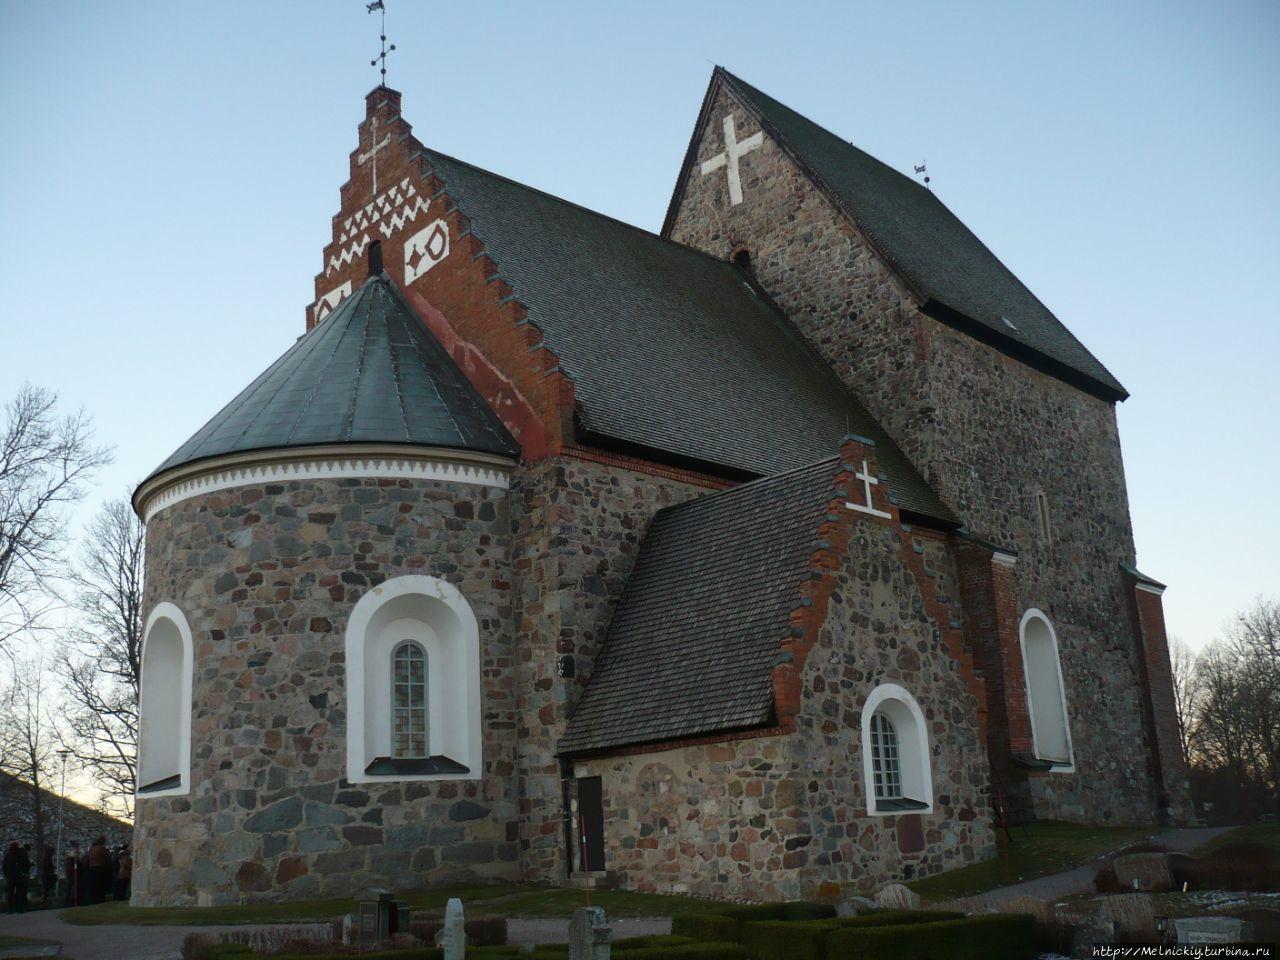 Лютеранская кирха Старой Уппсалы Уппсала, Швеция